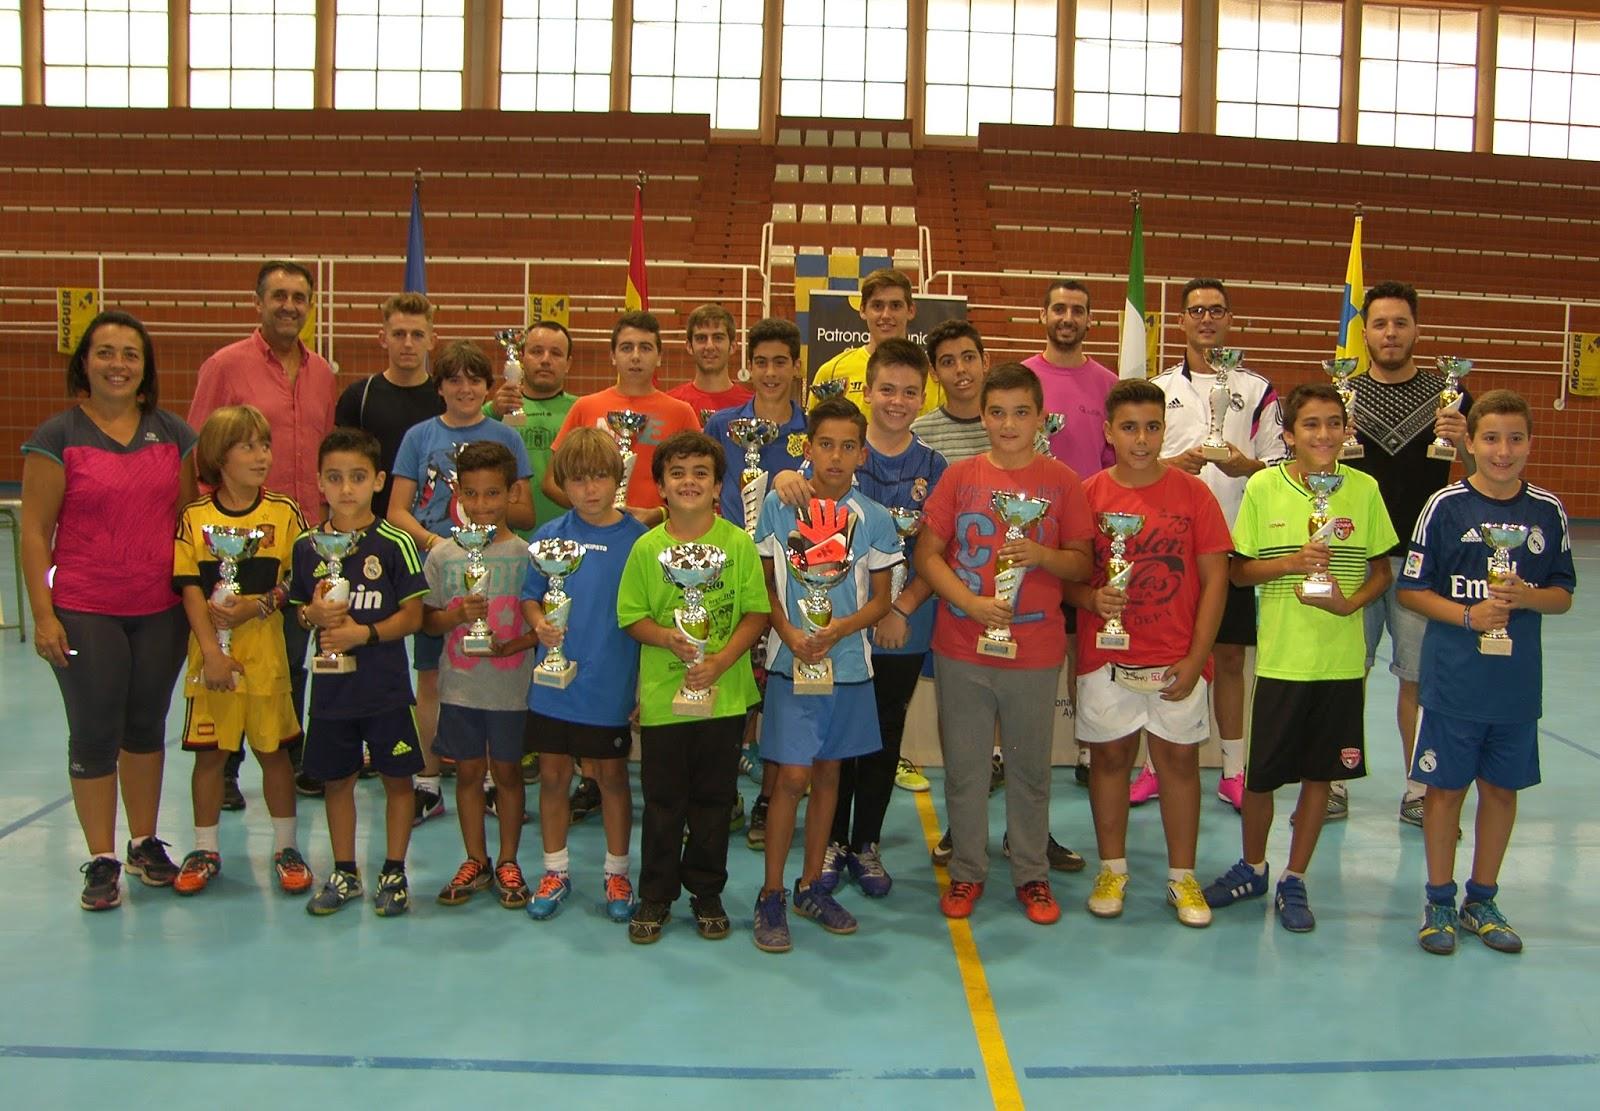 Blanco y Domínguez Campeones del Concurso de Porteros y Lanzadores de Penaltis de Moguer